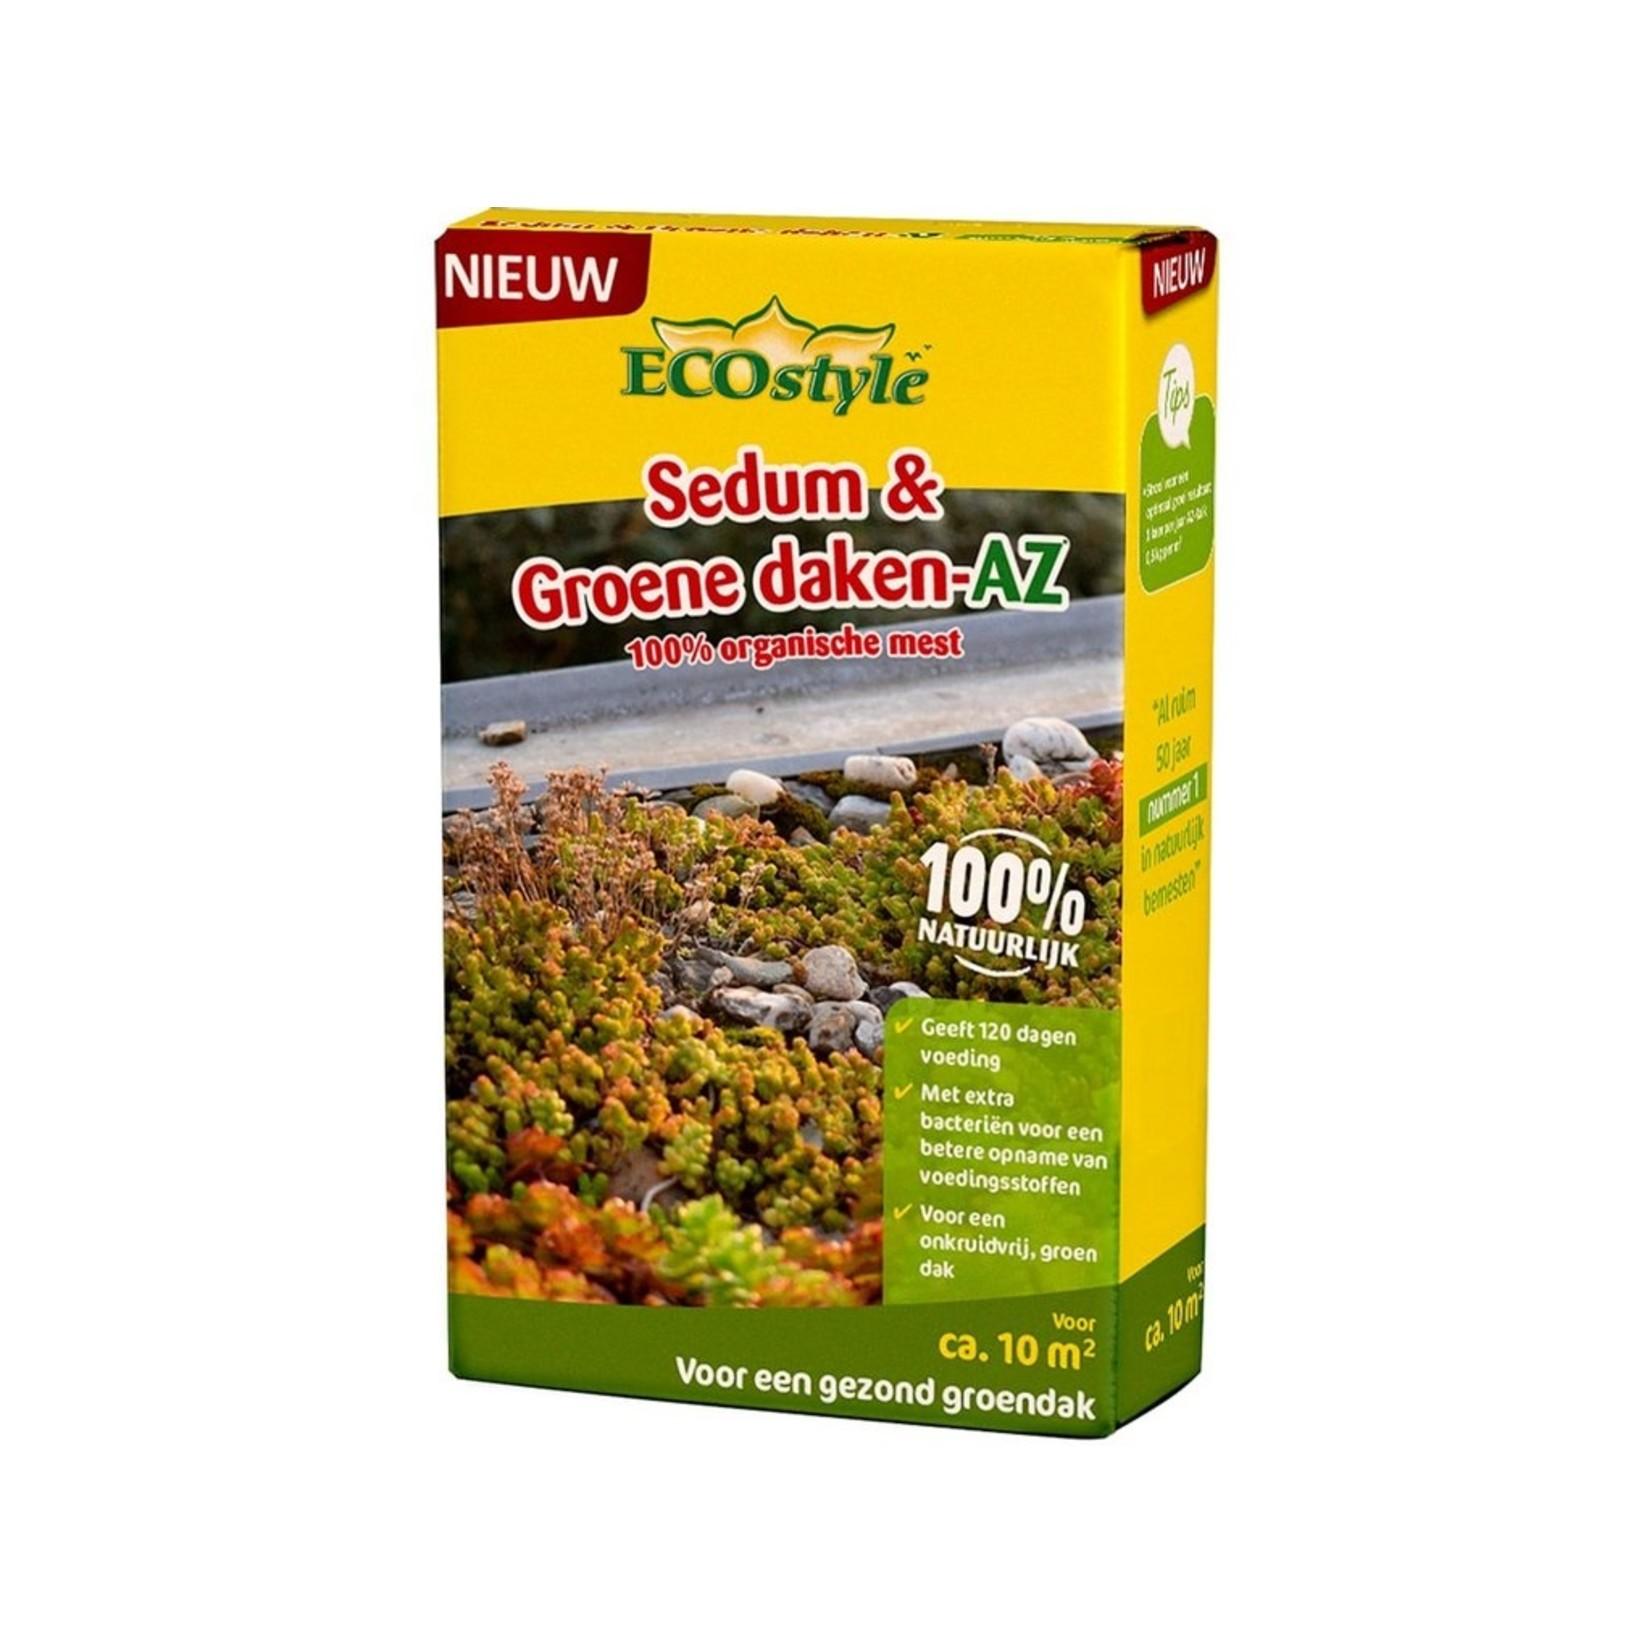 Ecostyle Sedum & groene daken AZ 800gr